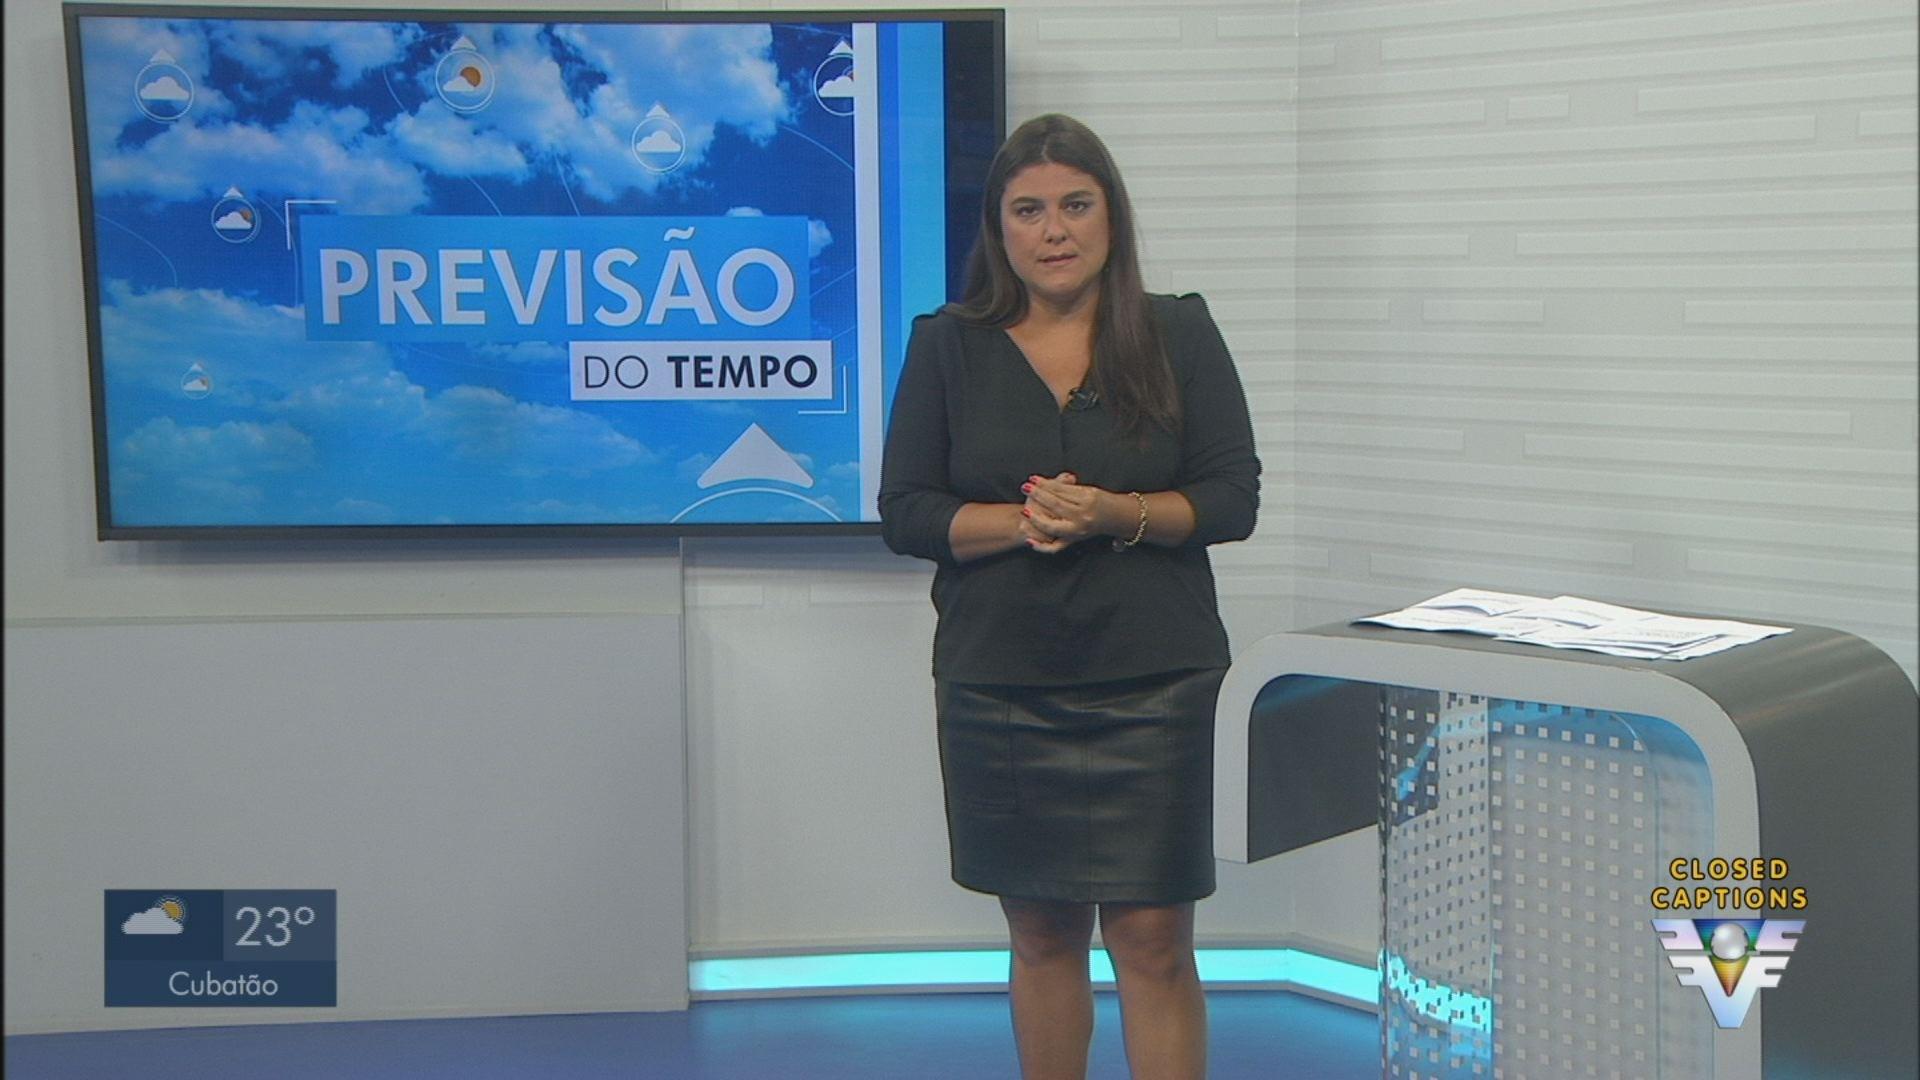 VÍDEOS: Jornal da Tribuna 2ª Edição de terça-feira, 19 de janeiro